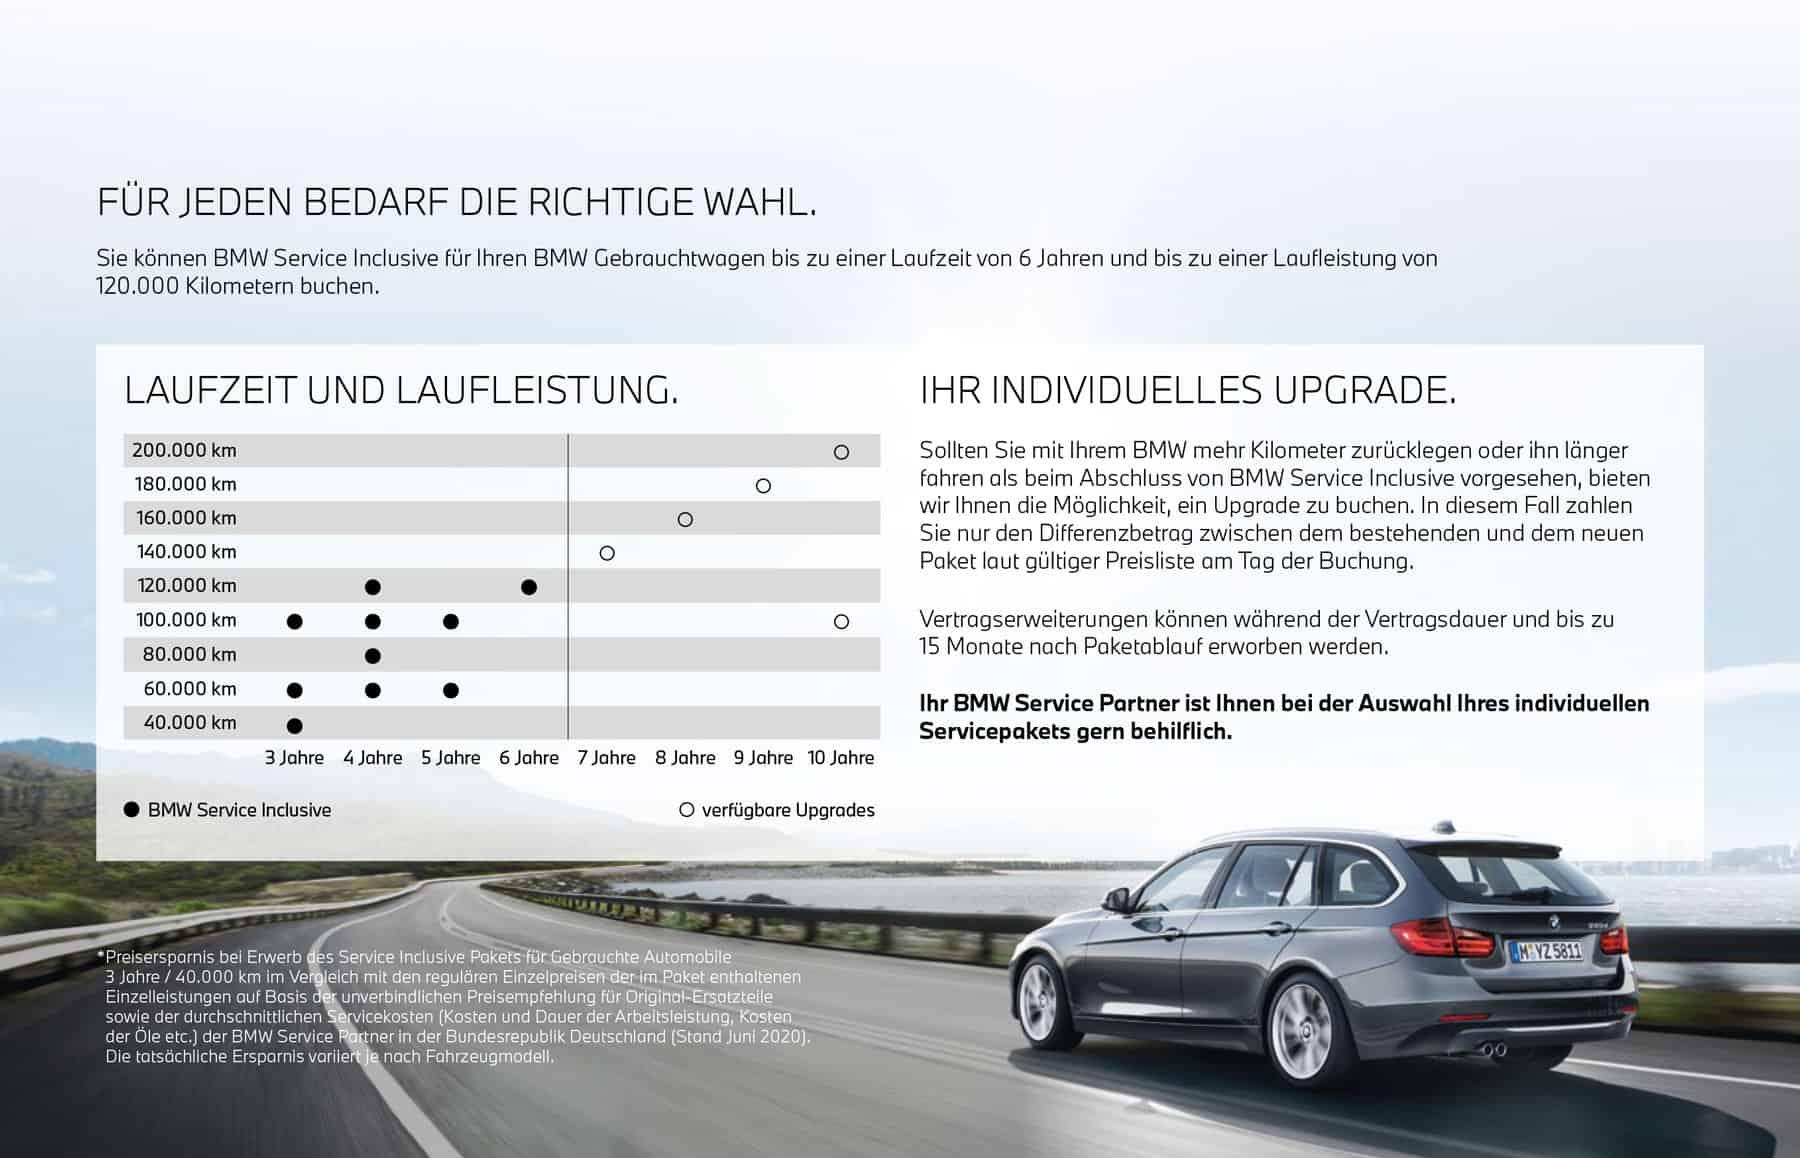 BMW Service Inclusive Gebrauchte